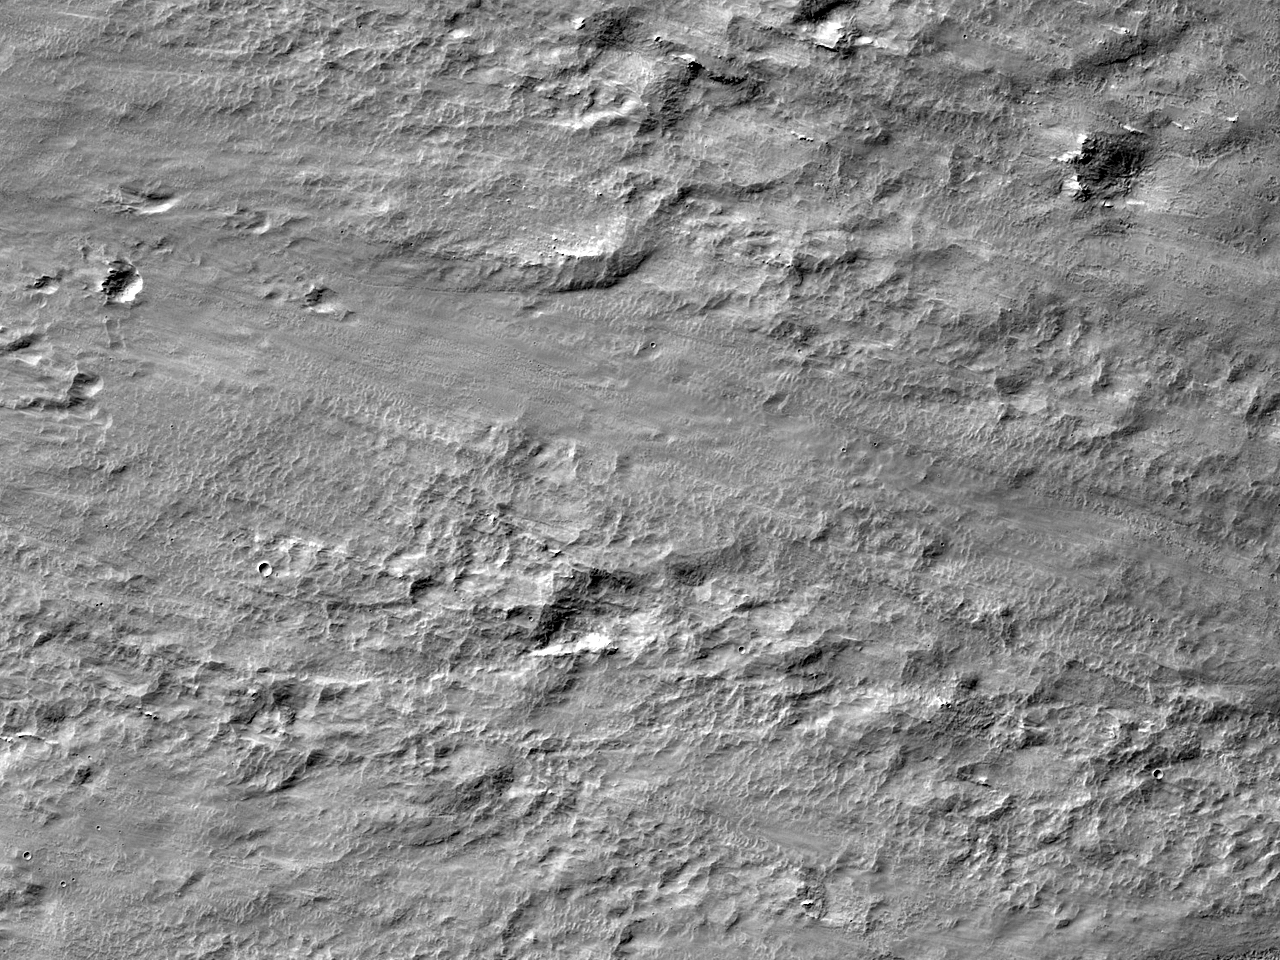 Граница изверженных пород кратера Resen на плато Hesperia Planum